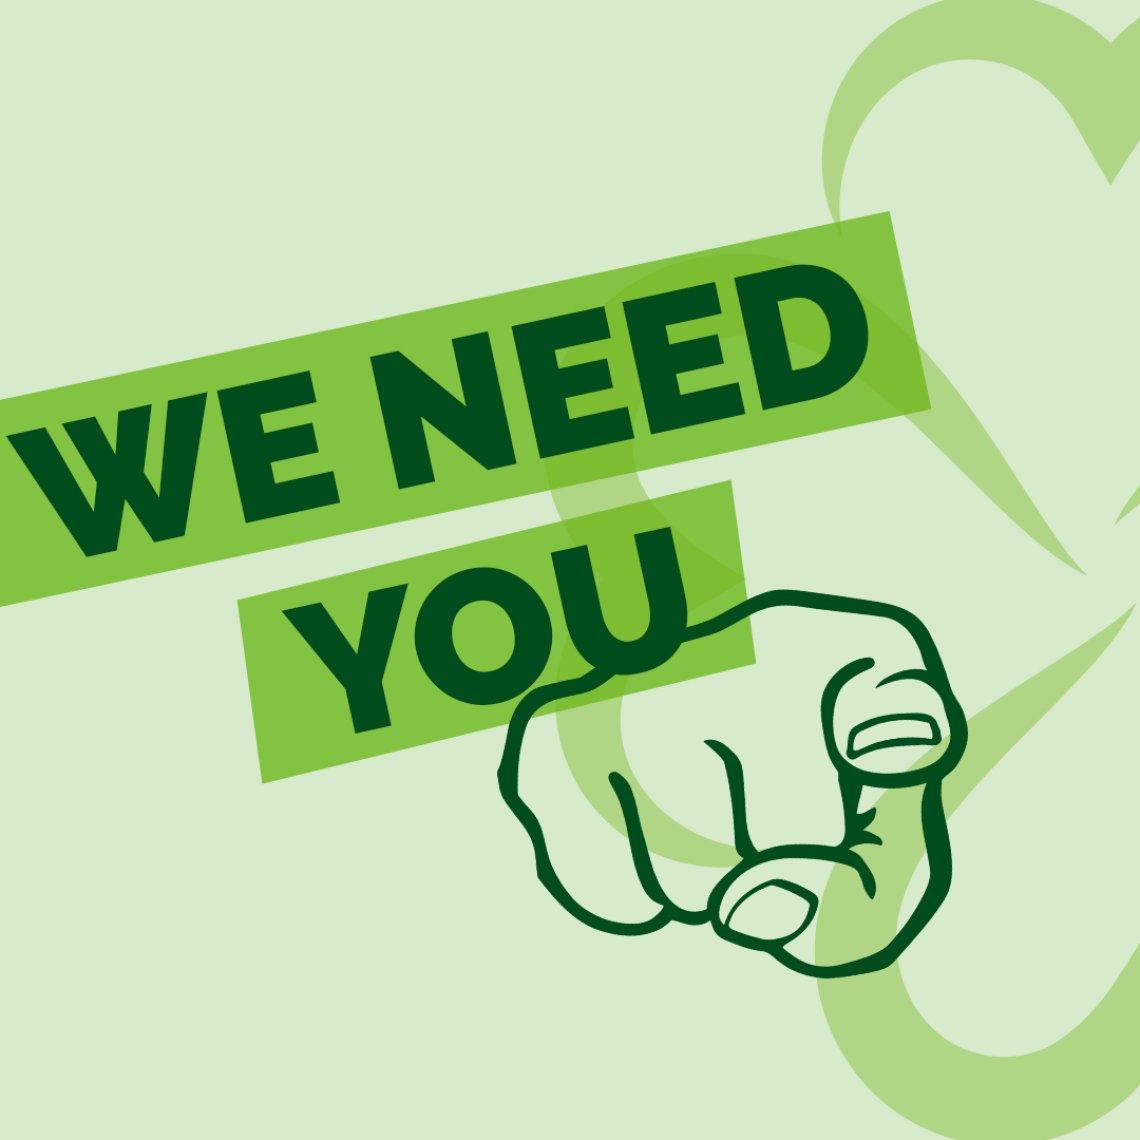 Valgkomiteen trenger deg!